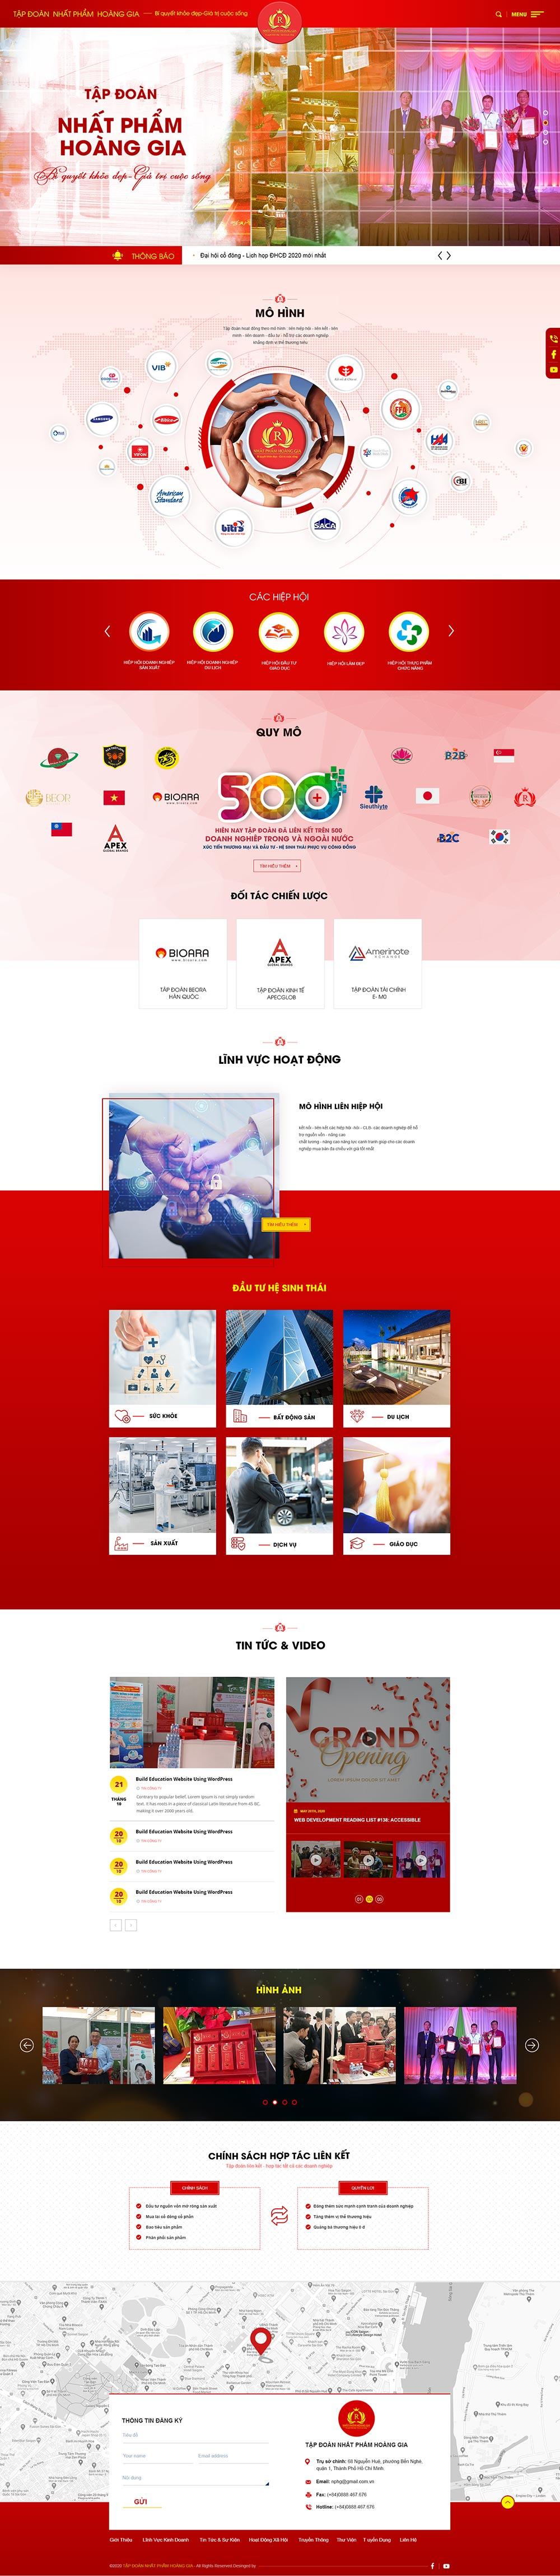 Giao diện website Nhất Phẩm Hoàng Gia